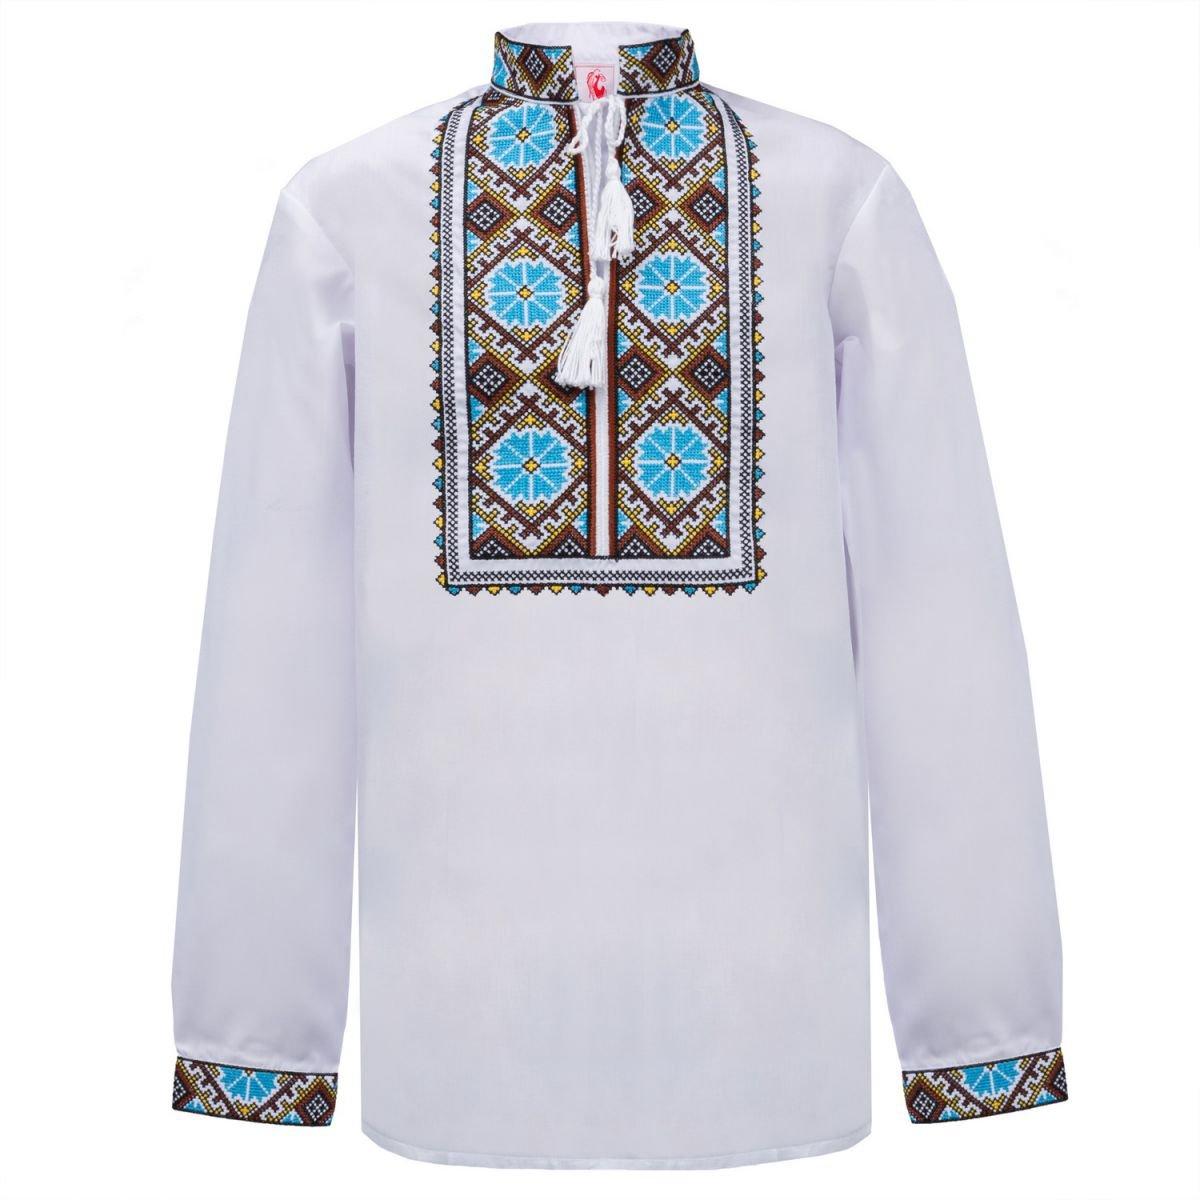 Сорочка вишиванка для хлопчика Слобожанка - Волошки 128см cc77d569dffe5